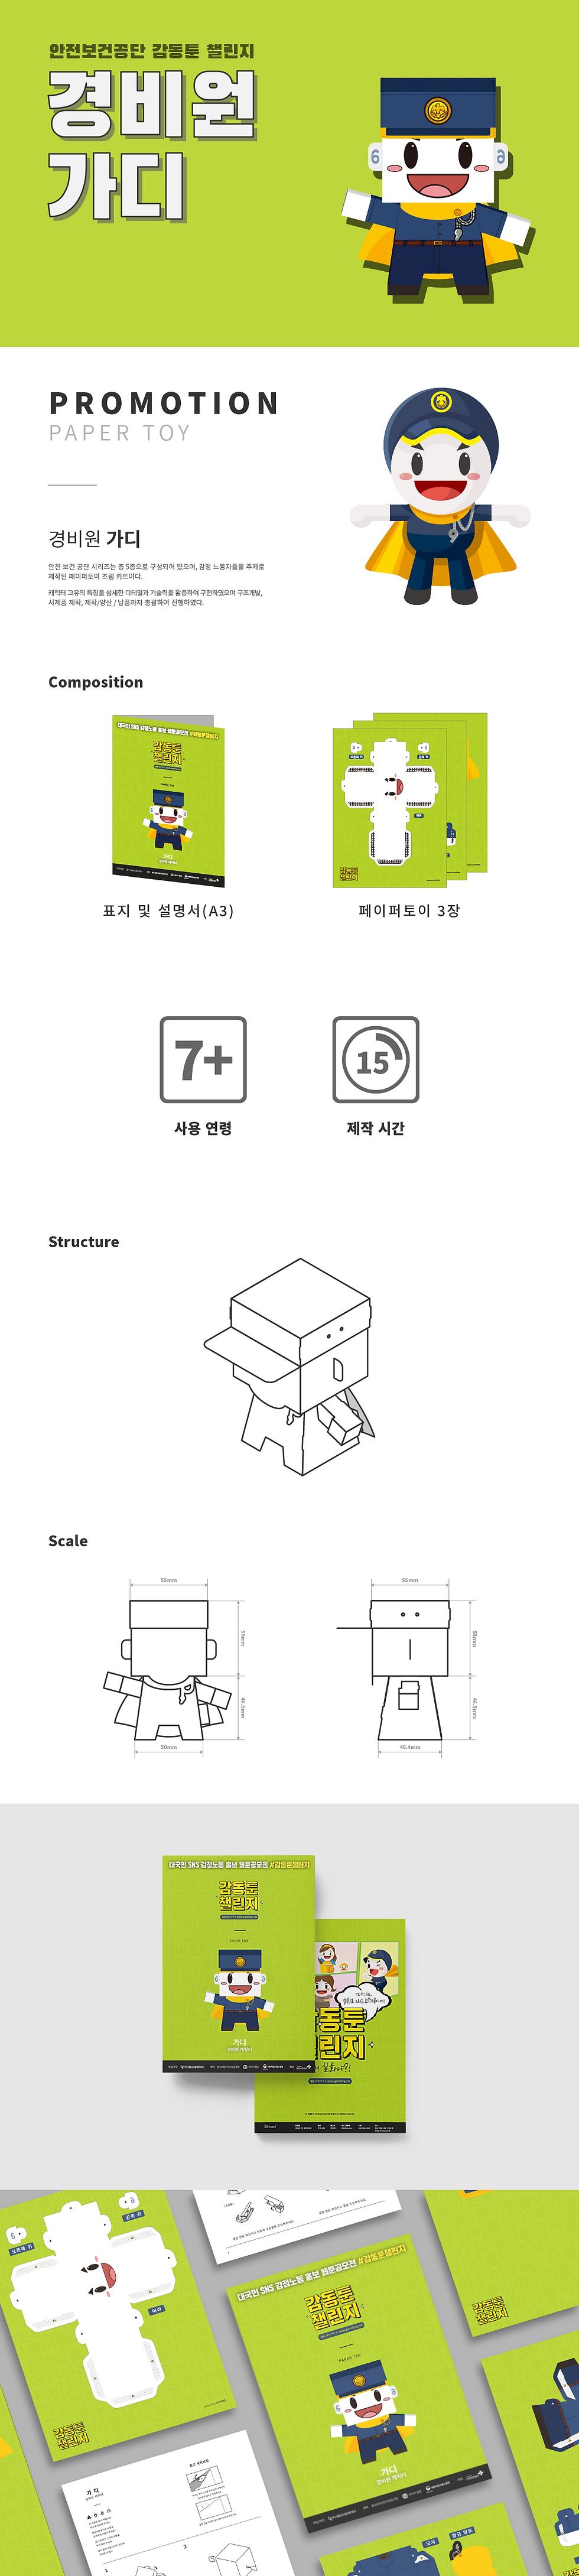 02-22. [2017] 안전보건공단_상세페이지_1.png